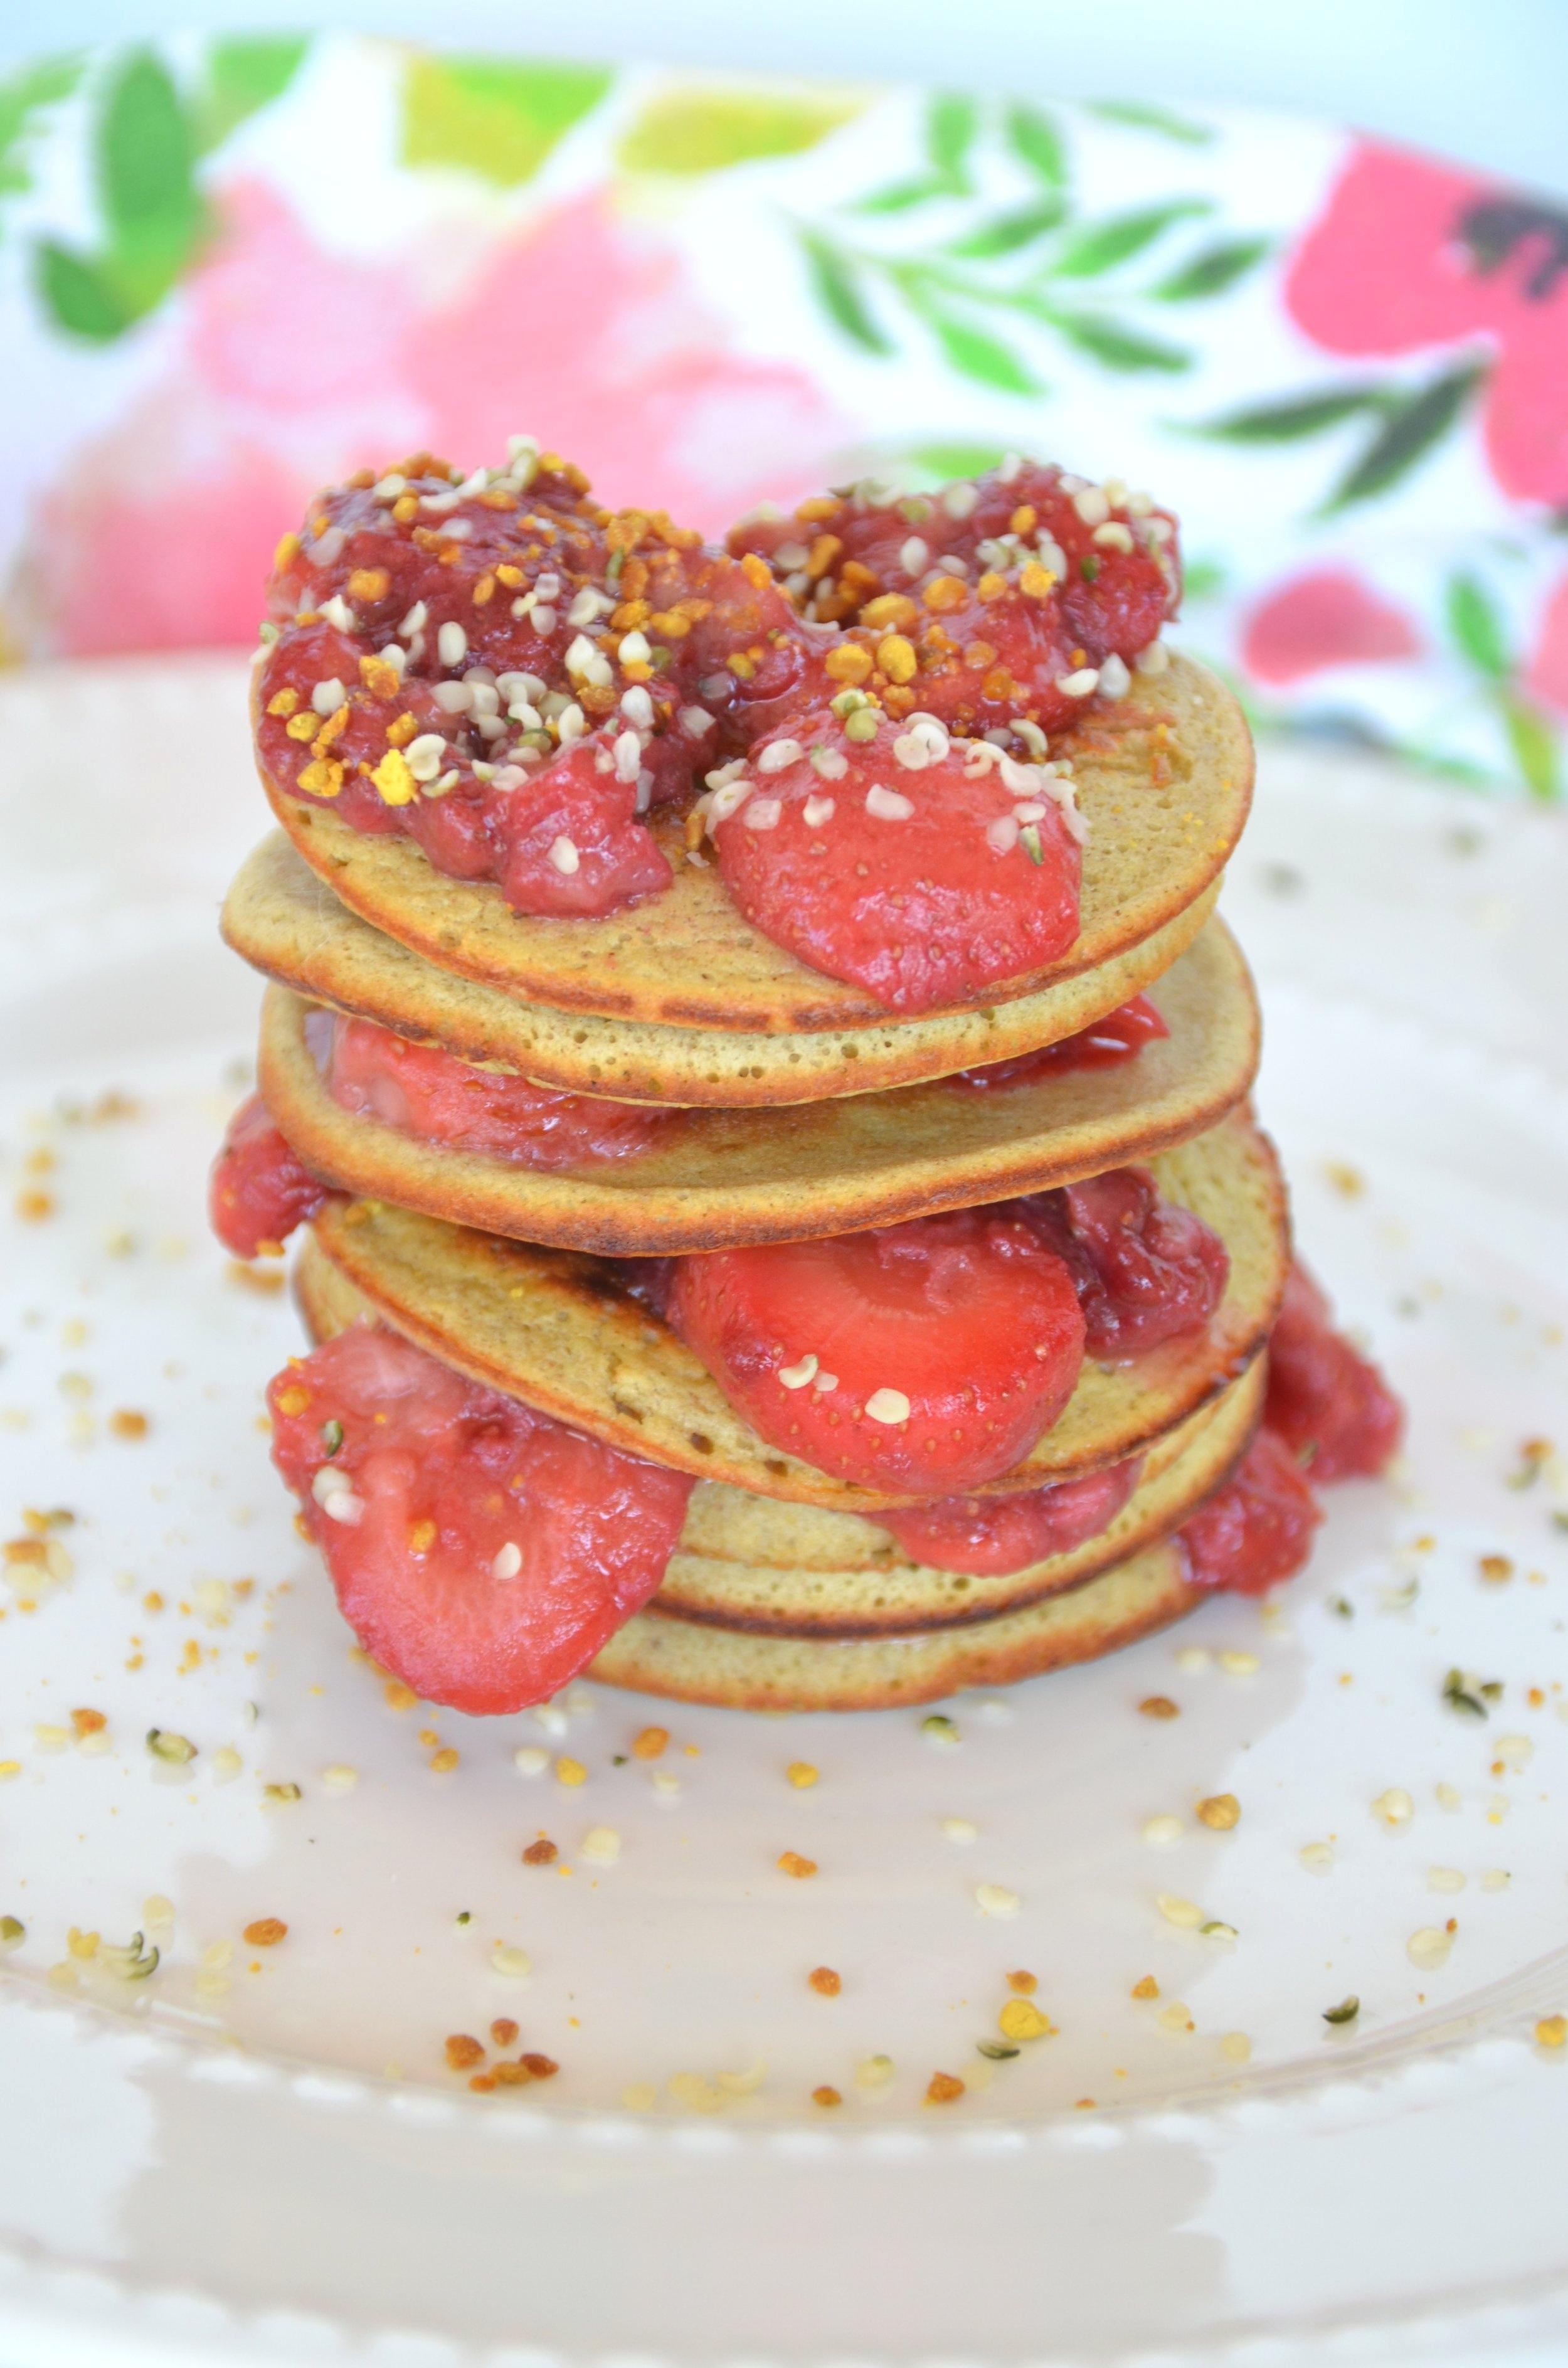 Banana+Oatmeal+Pancakes